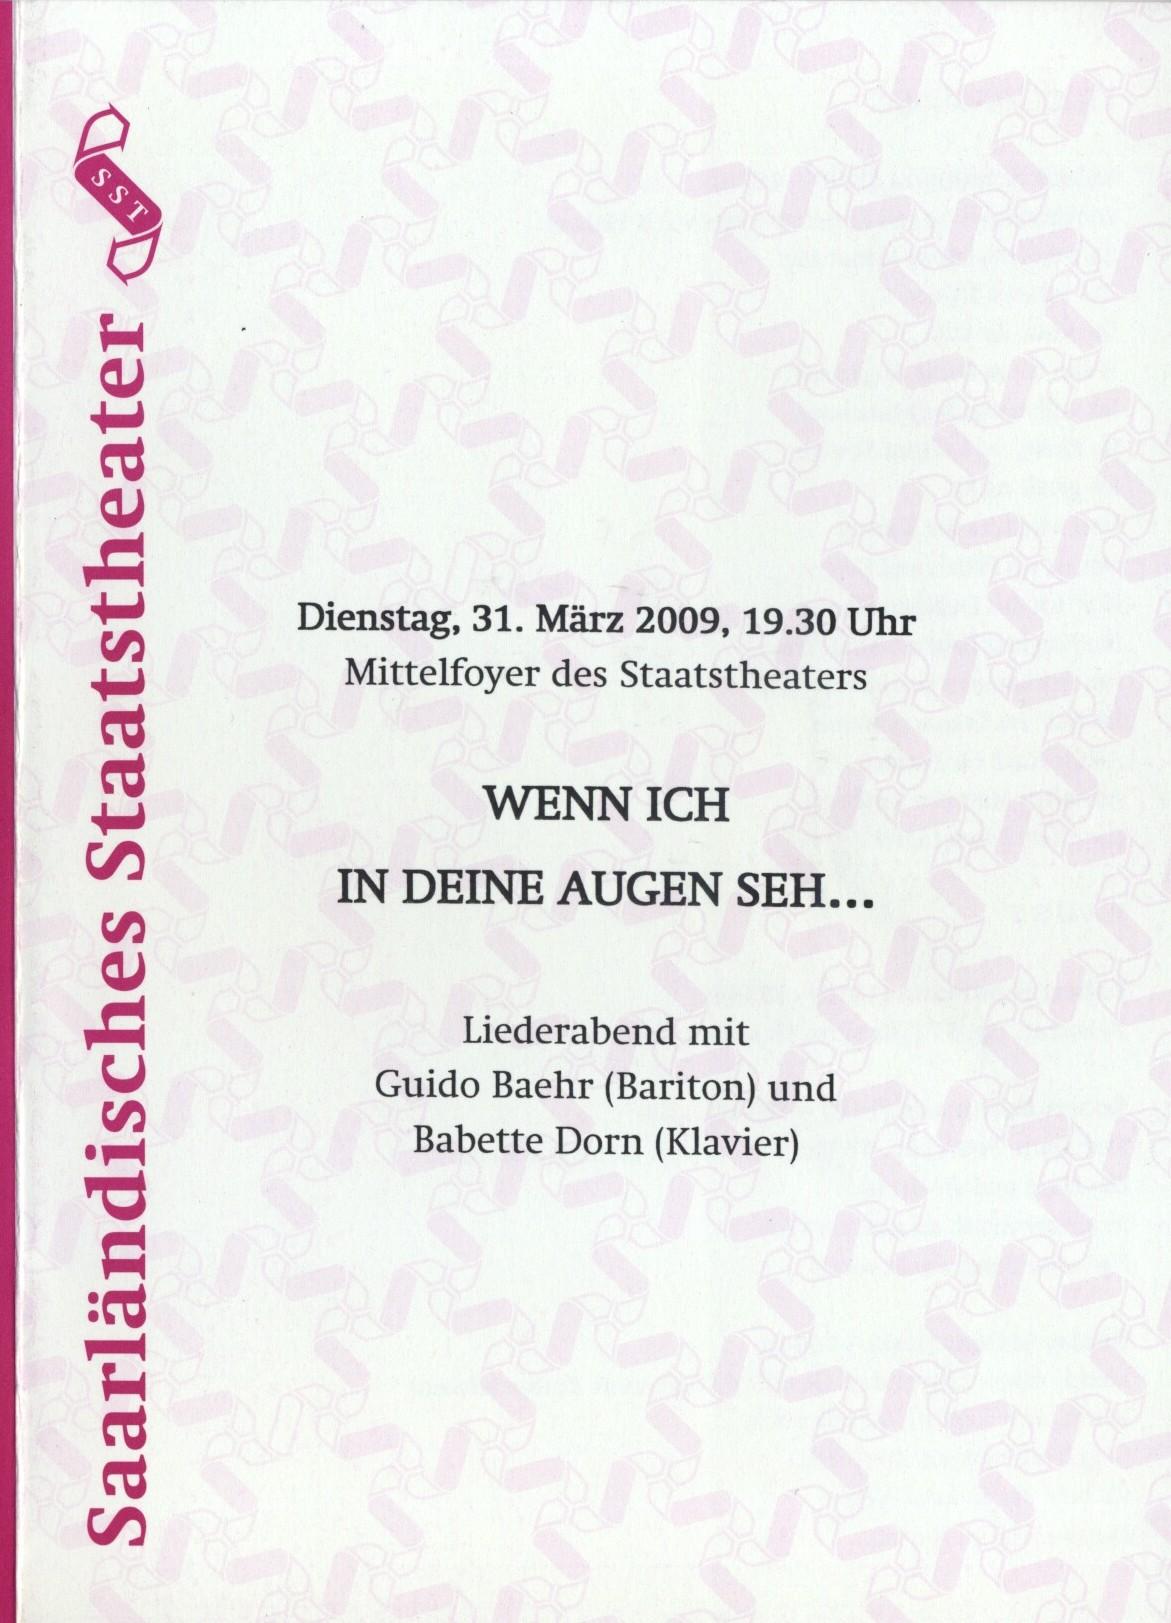 2009 Saarbrücken